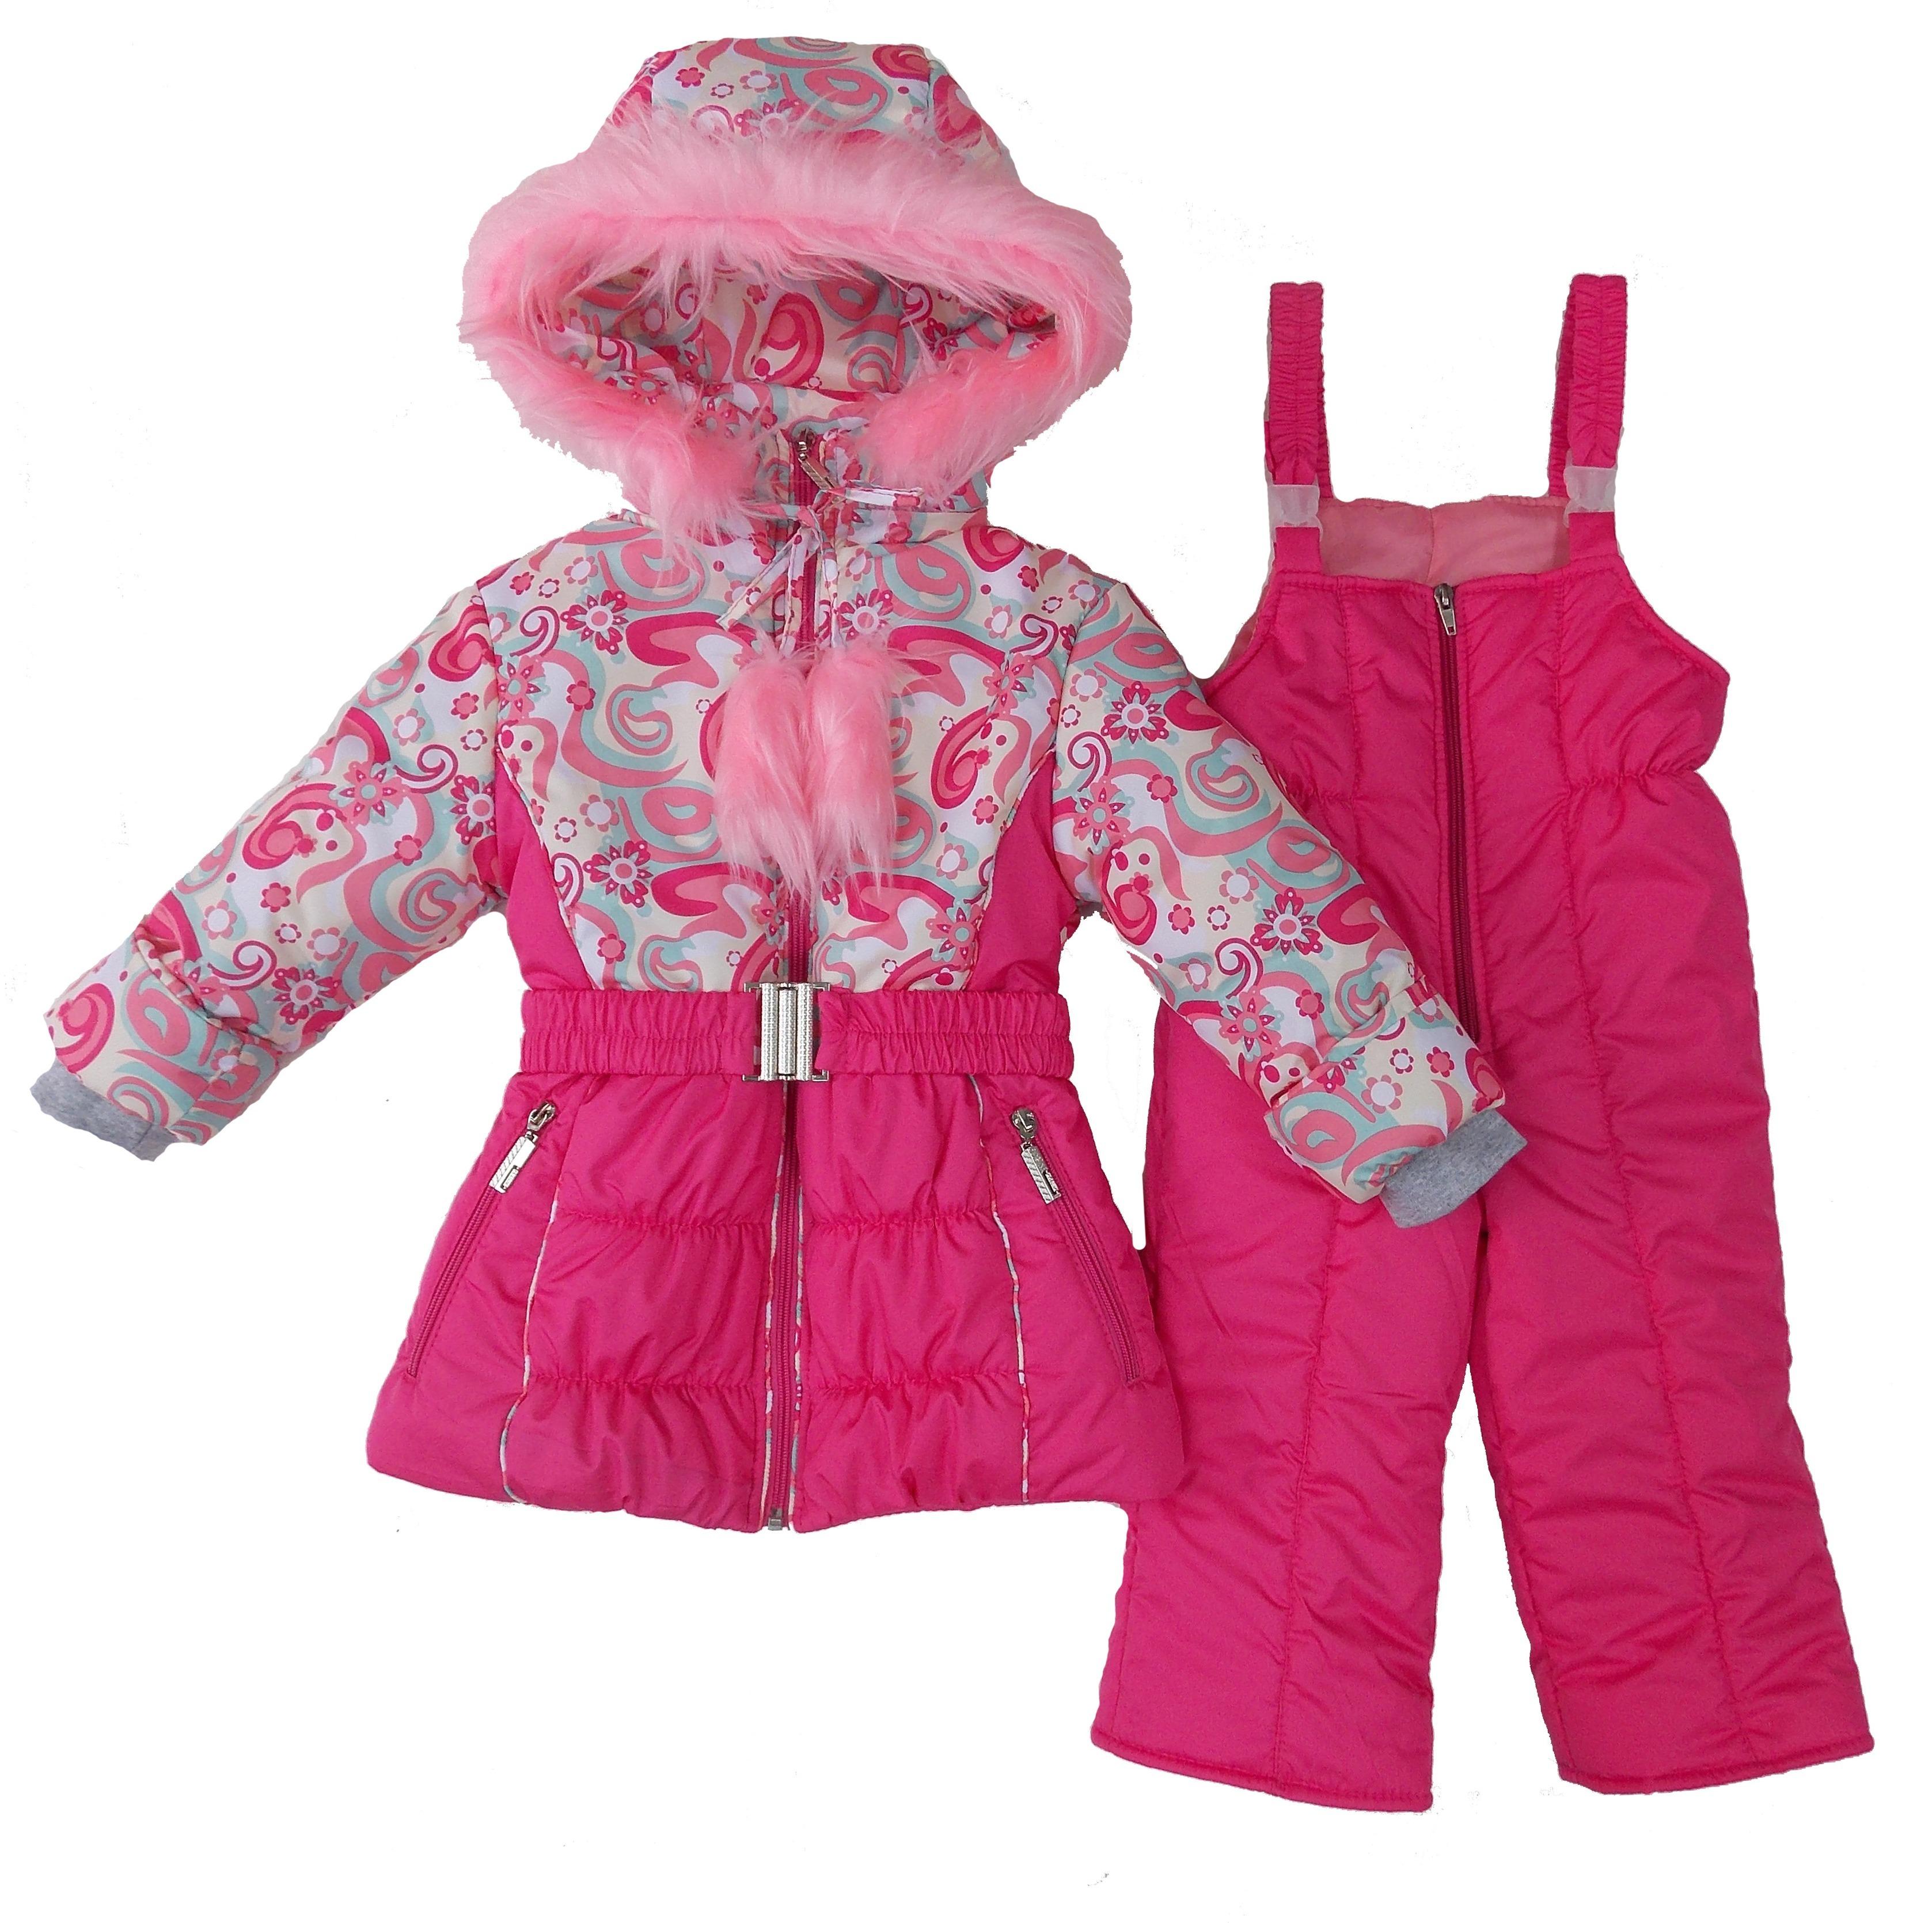 Сбор заказов. Верхняя зимняя и осенняя одежда для мальчиков и девочек от 0 до 12 лет.Недорого,качественно, красиво. Плащевые брючки , полукомбинезоны, осенние на флисе от 330 рублей. Без рядов. Выкуп-3.